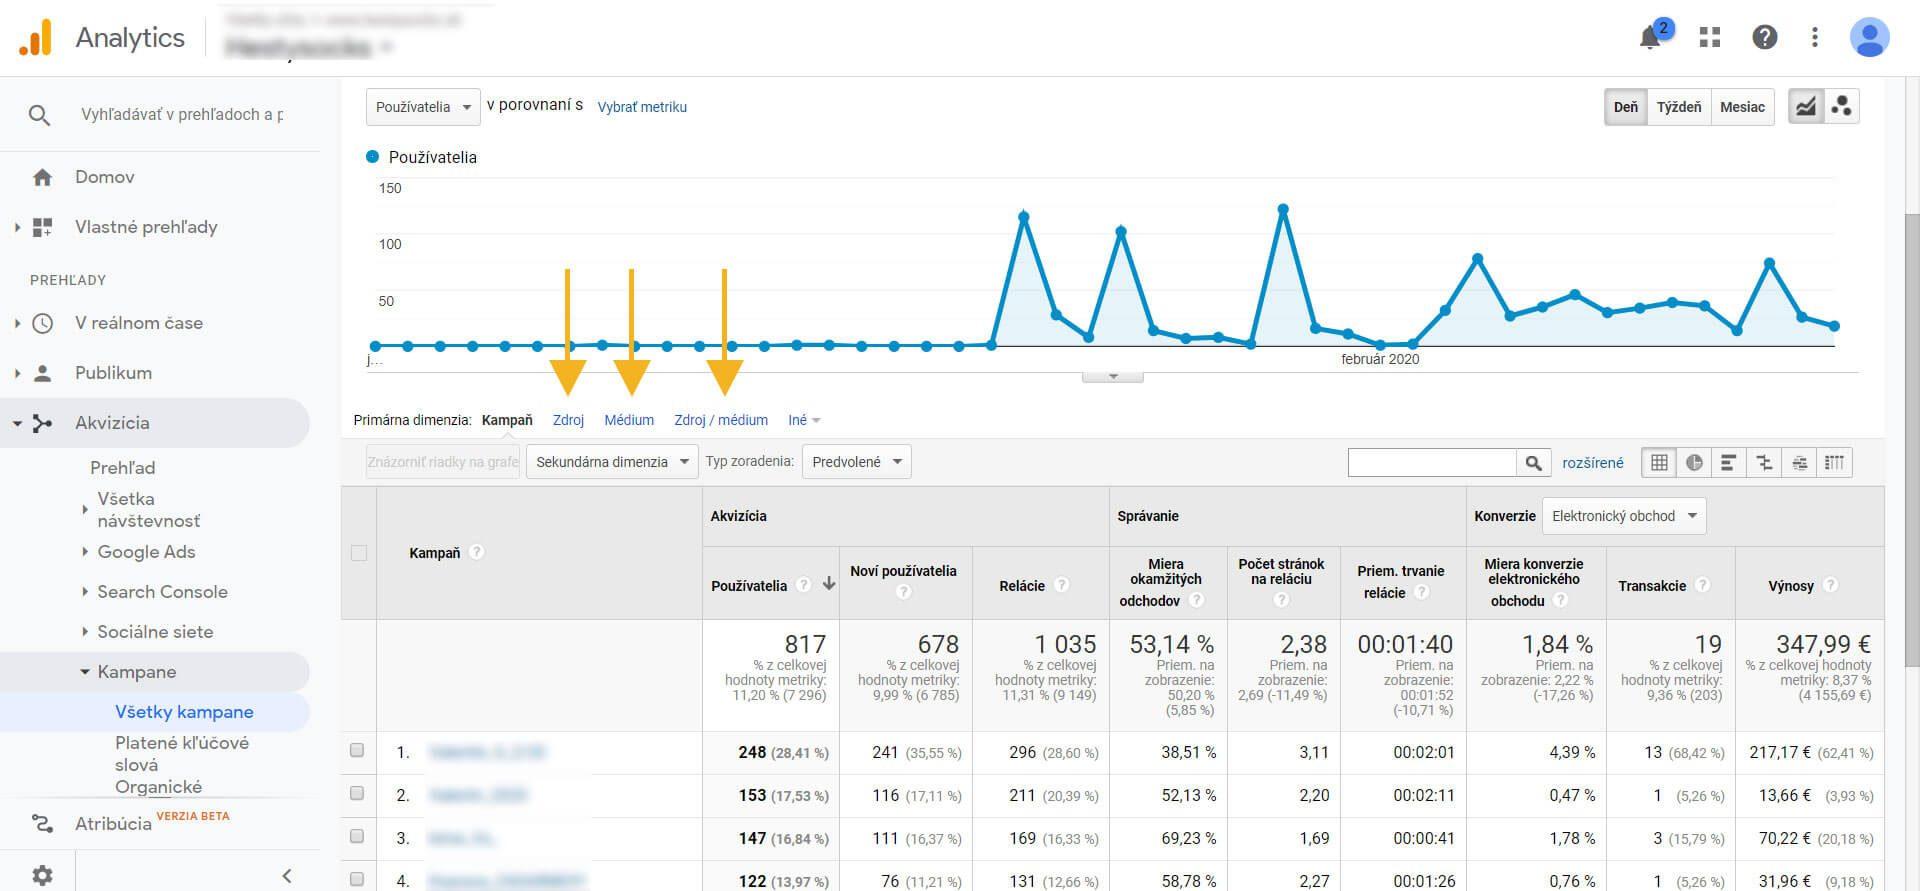 UTM tagy v Google Analytics